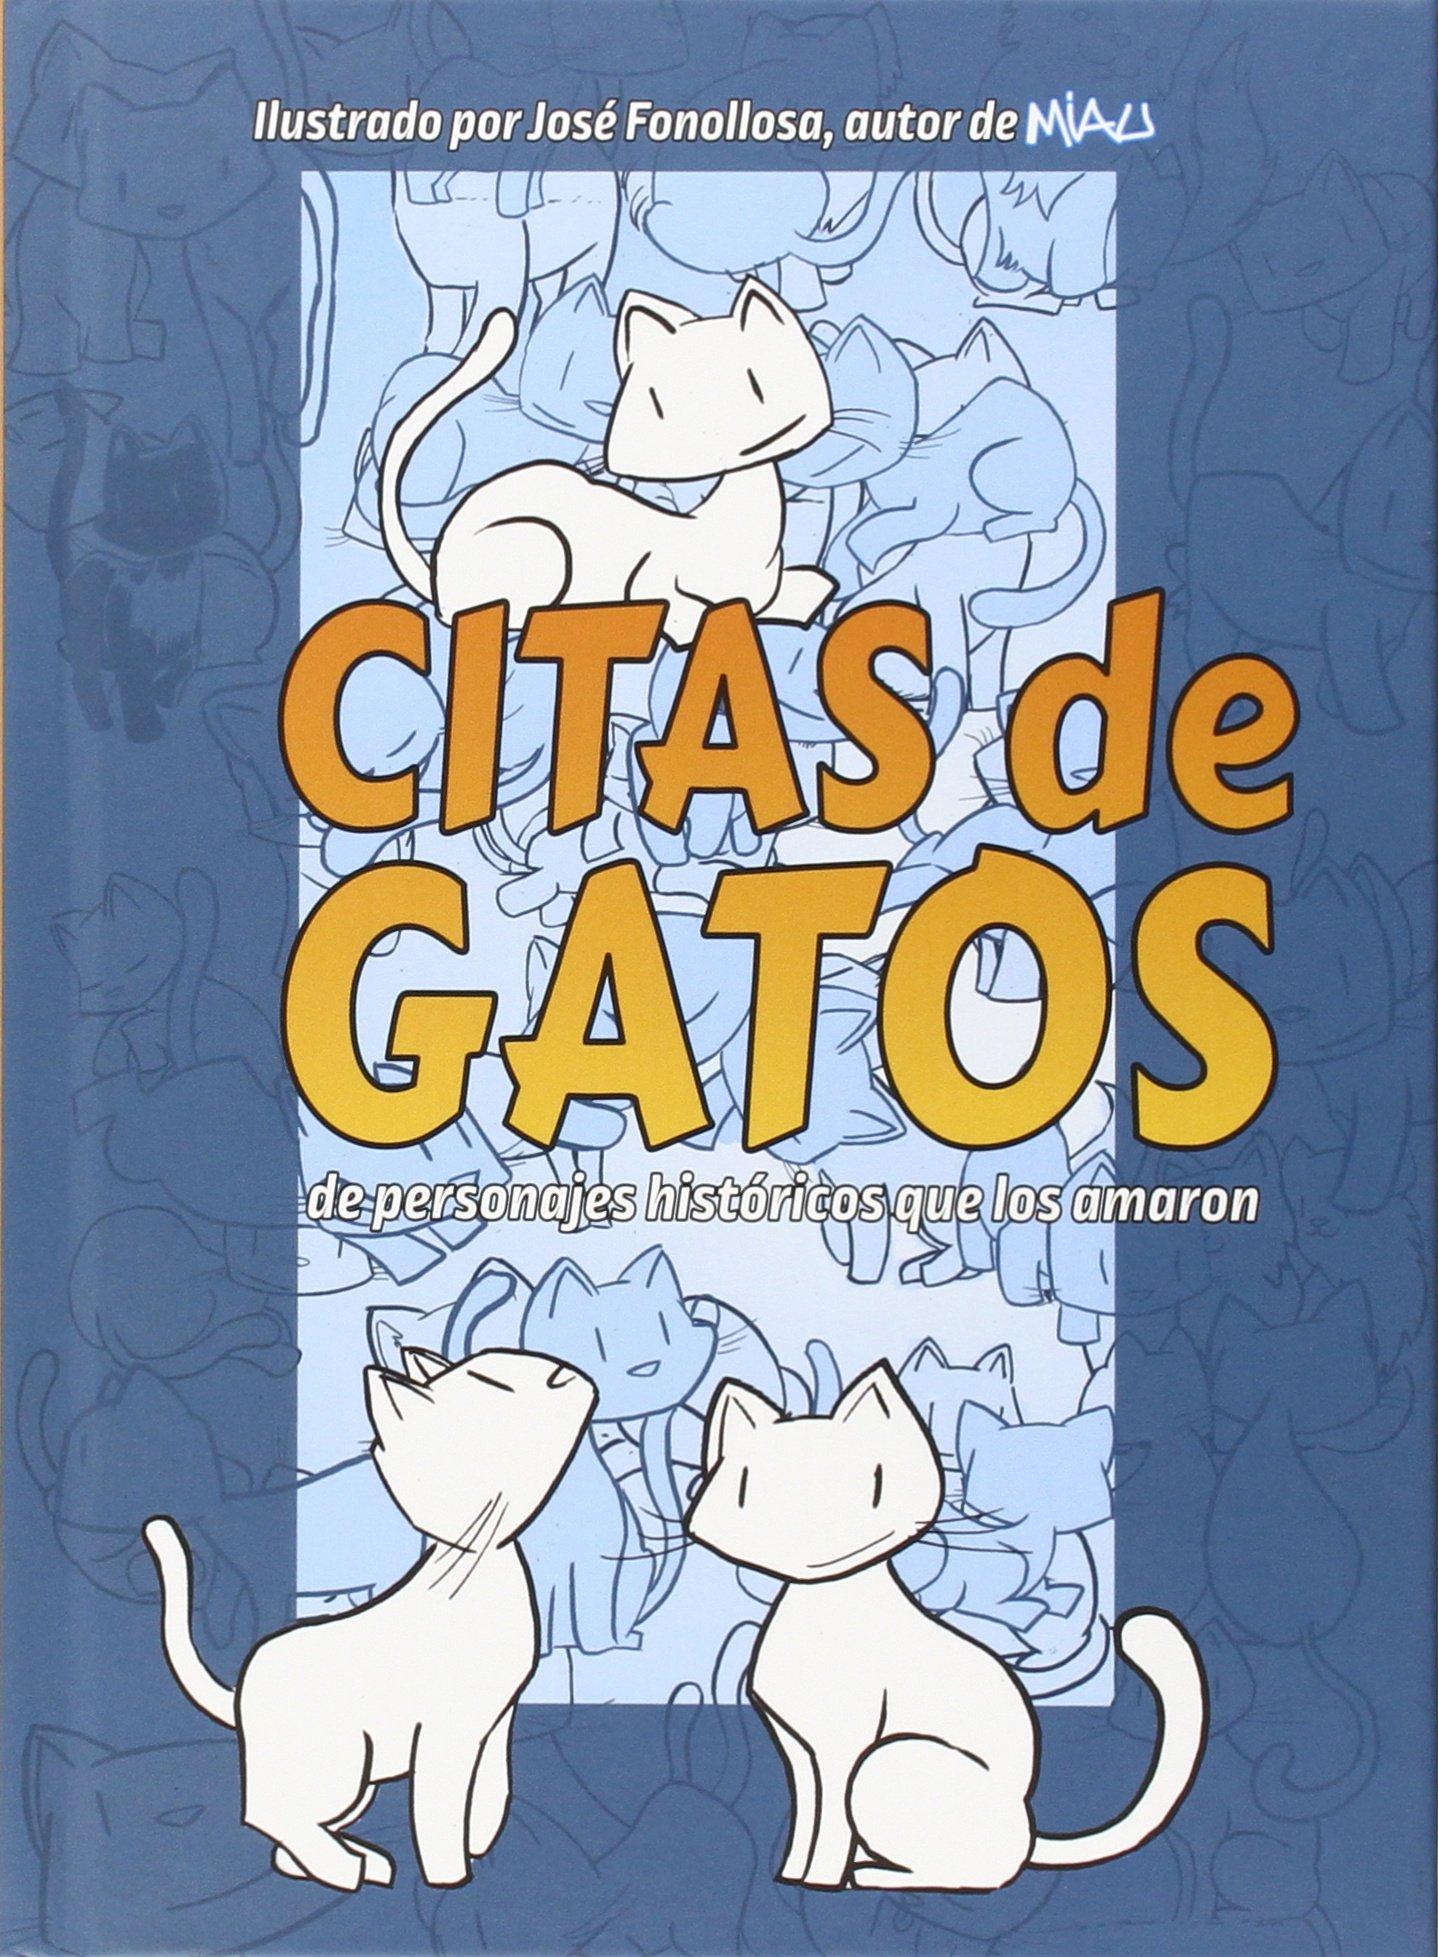 Citas De Gatos De Personajes Historicos Que Los Amaron: Amazon.es: Fonollosa José: Libros